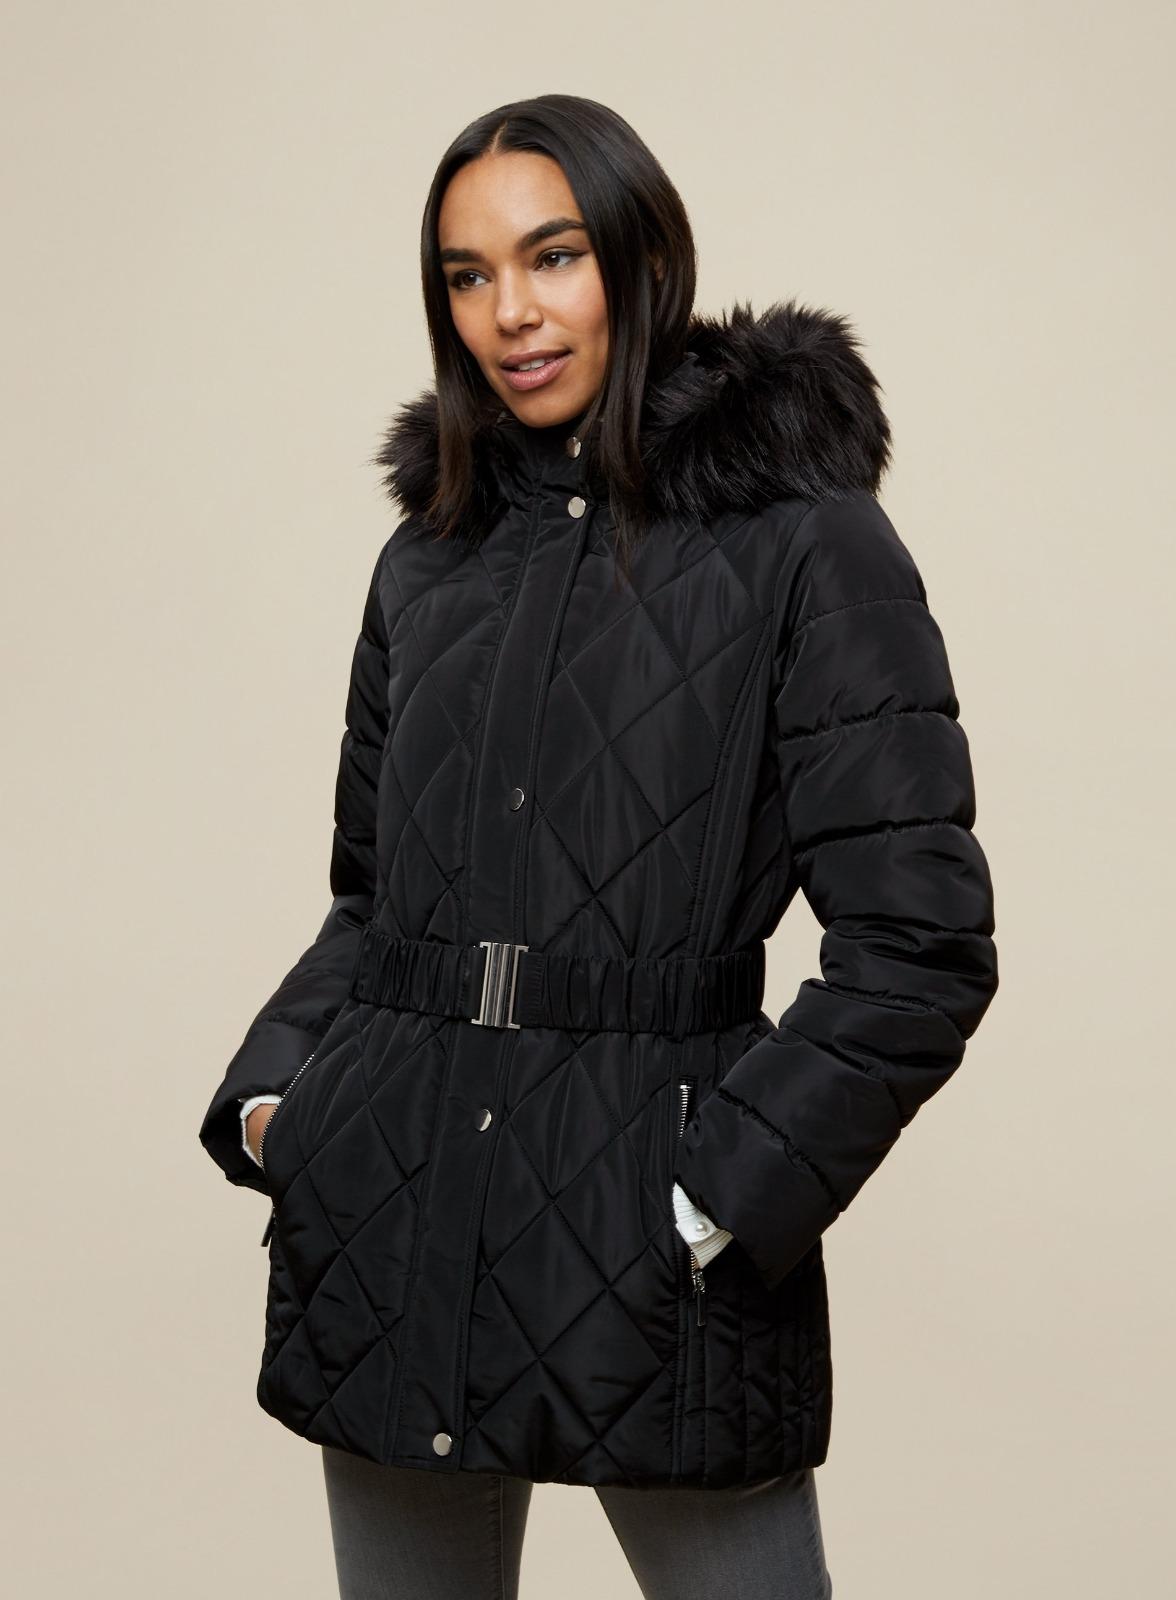 miniature 13 - DP Femme Noir Hiver Court Fourrure Veste Matelassée Manteau Taille 8 10 12 14 16 18